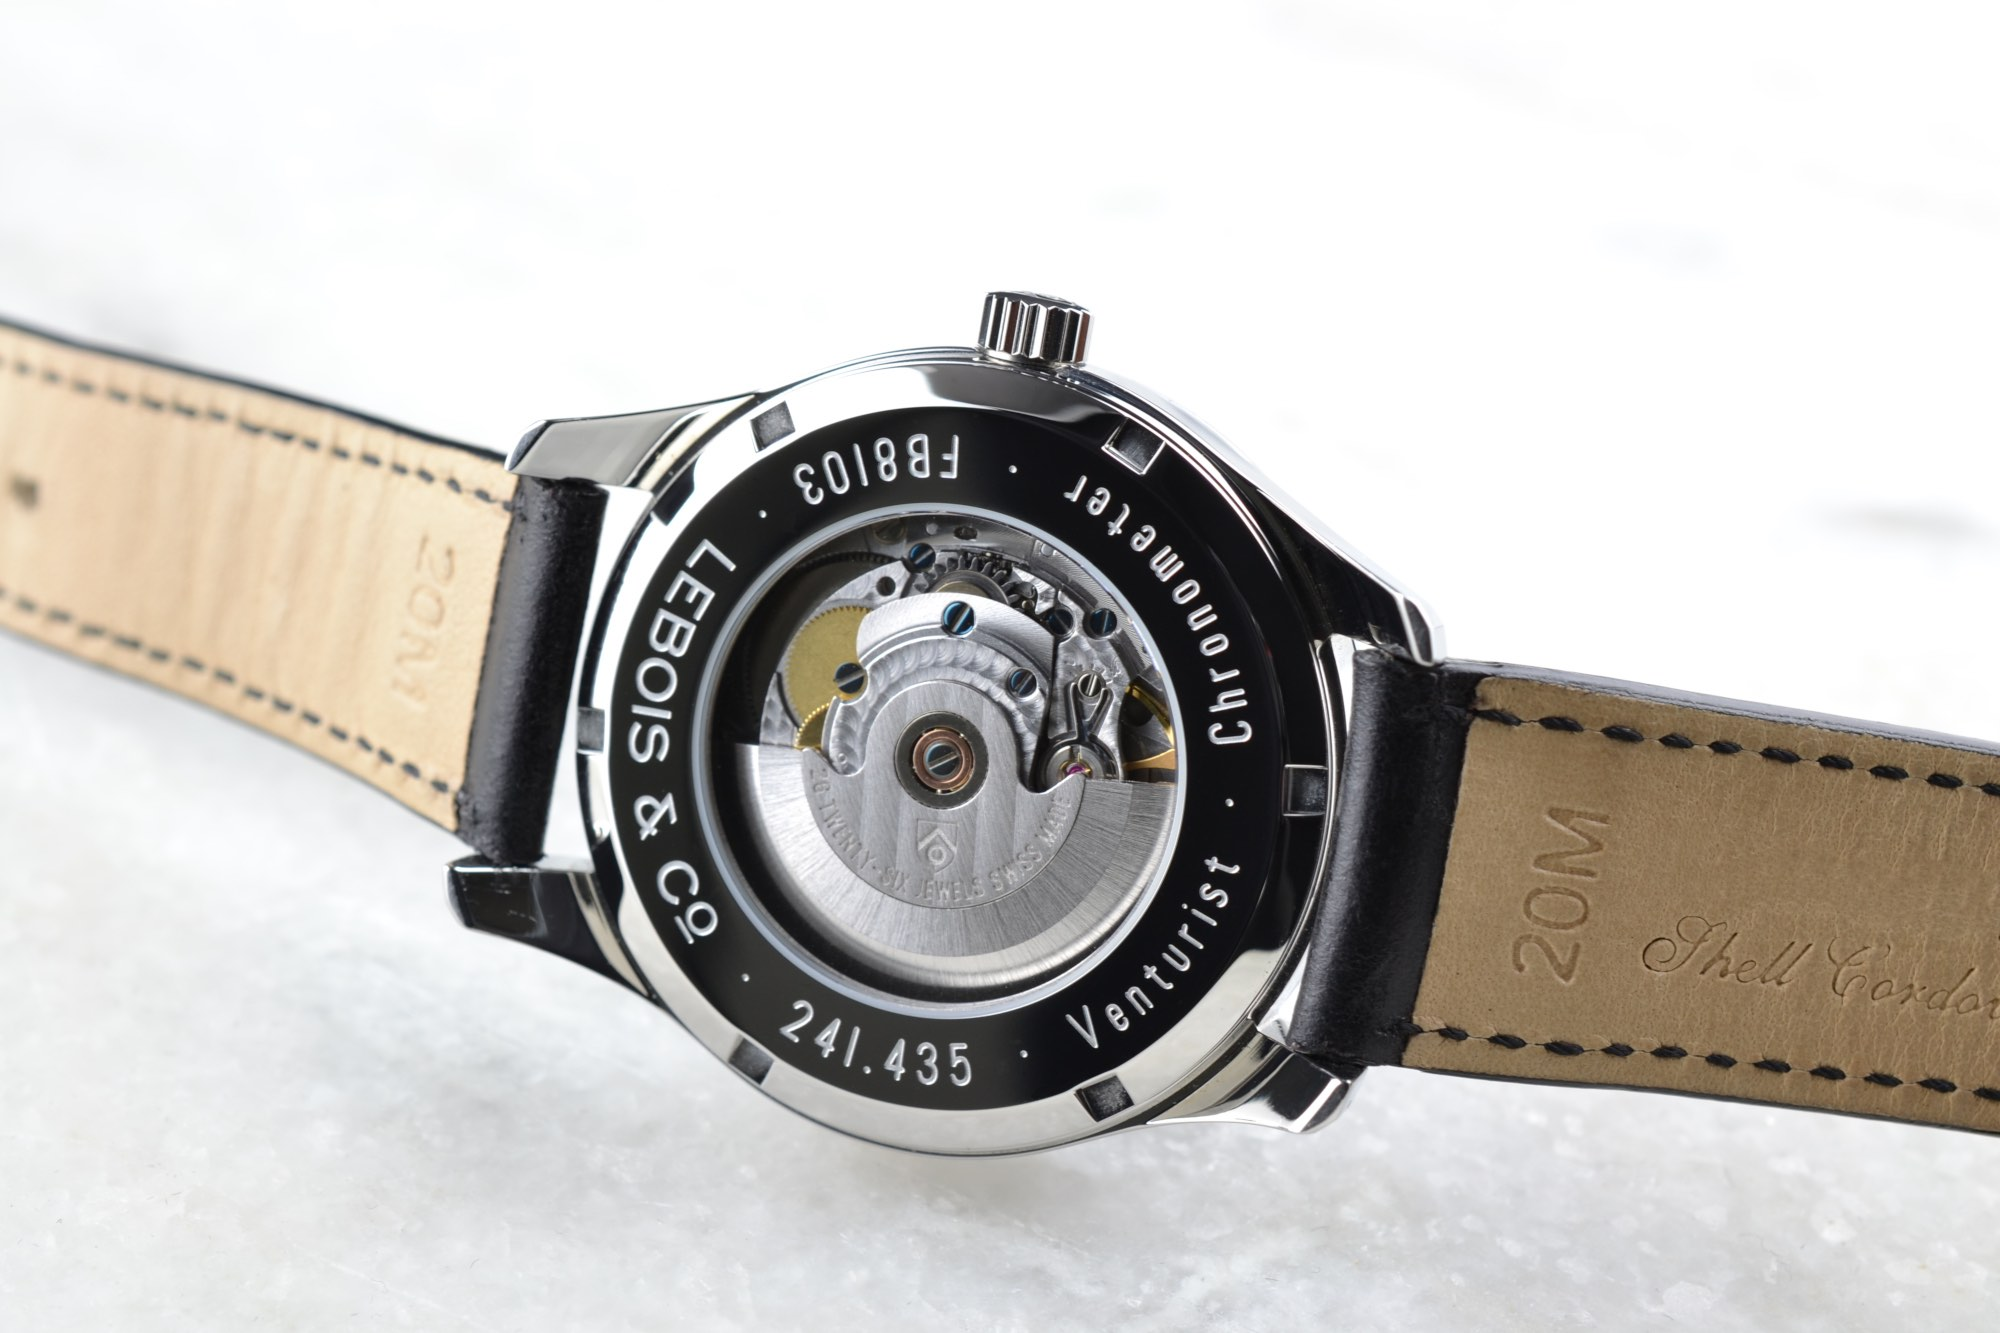 Lebois & Co Venturist Chronometer Observatoire Chronométrique+ certified